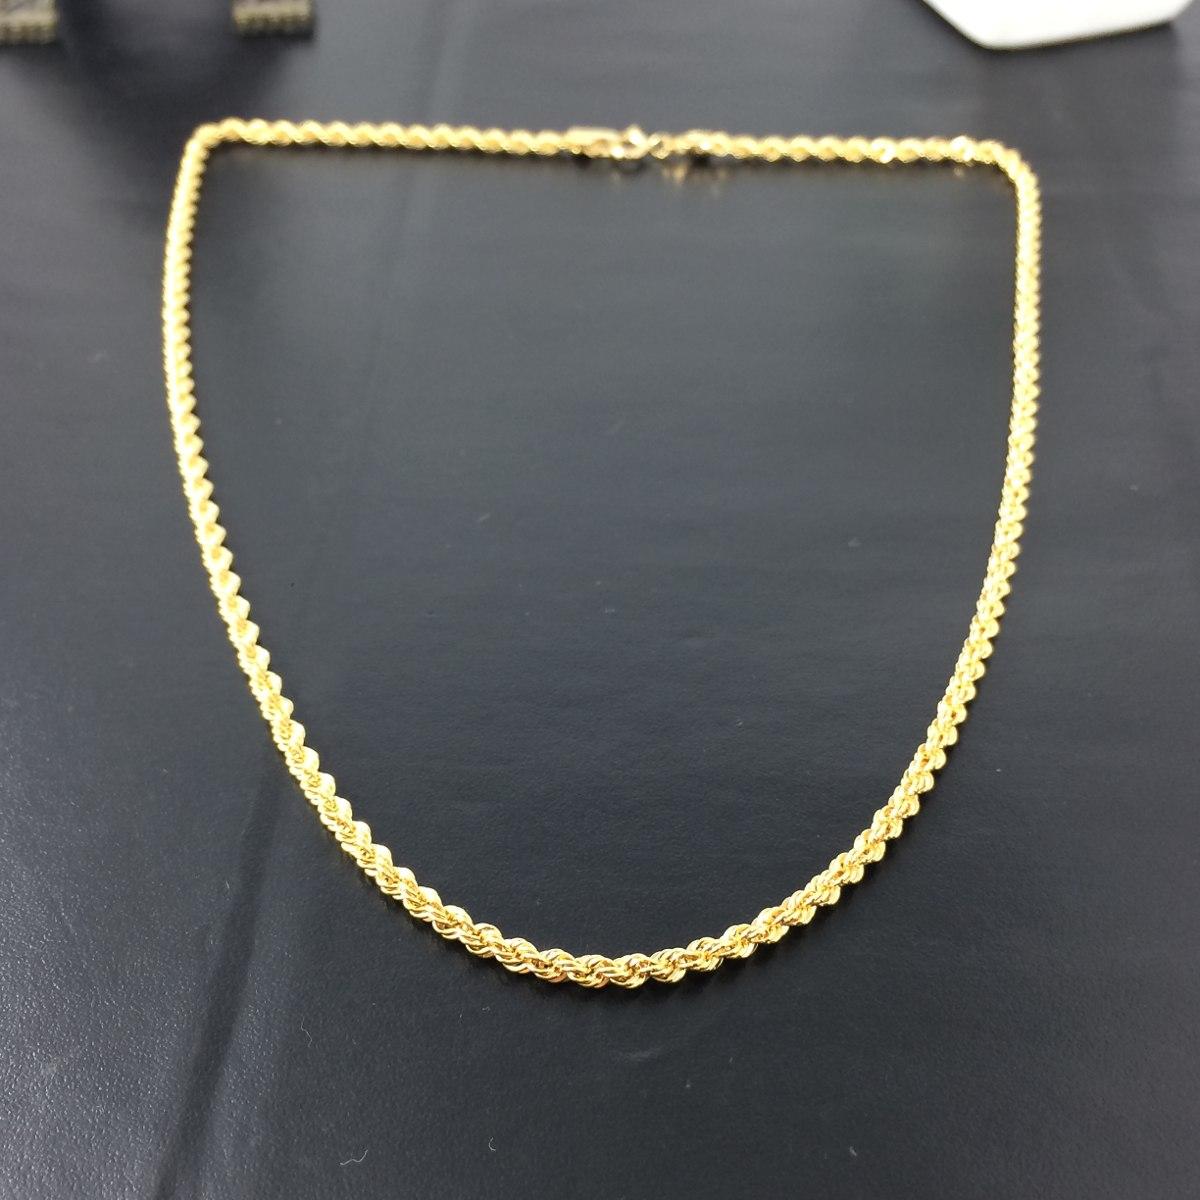 Corrente Colar Cordão Baiano Folheado Ouro 18k 45 Cm - R  68,50 em ... 9ae84fdfd5